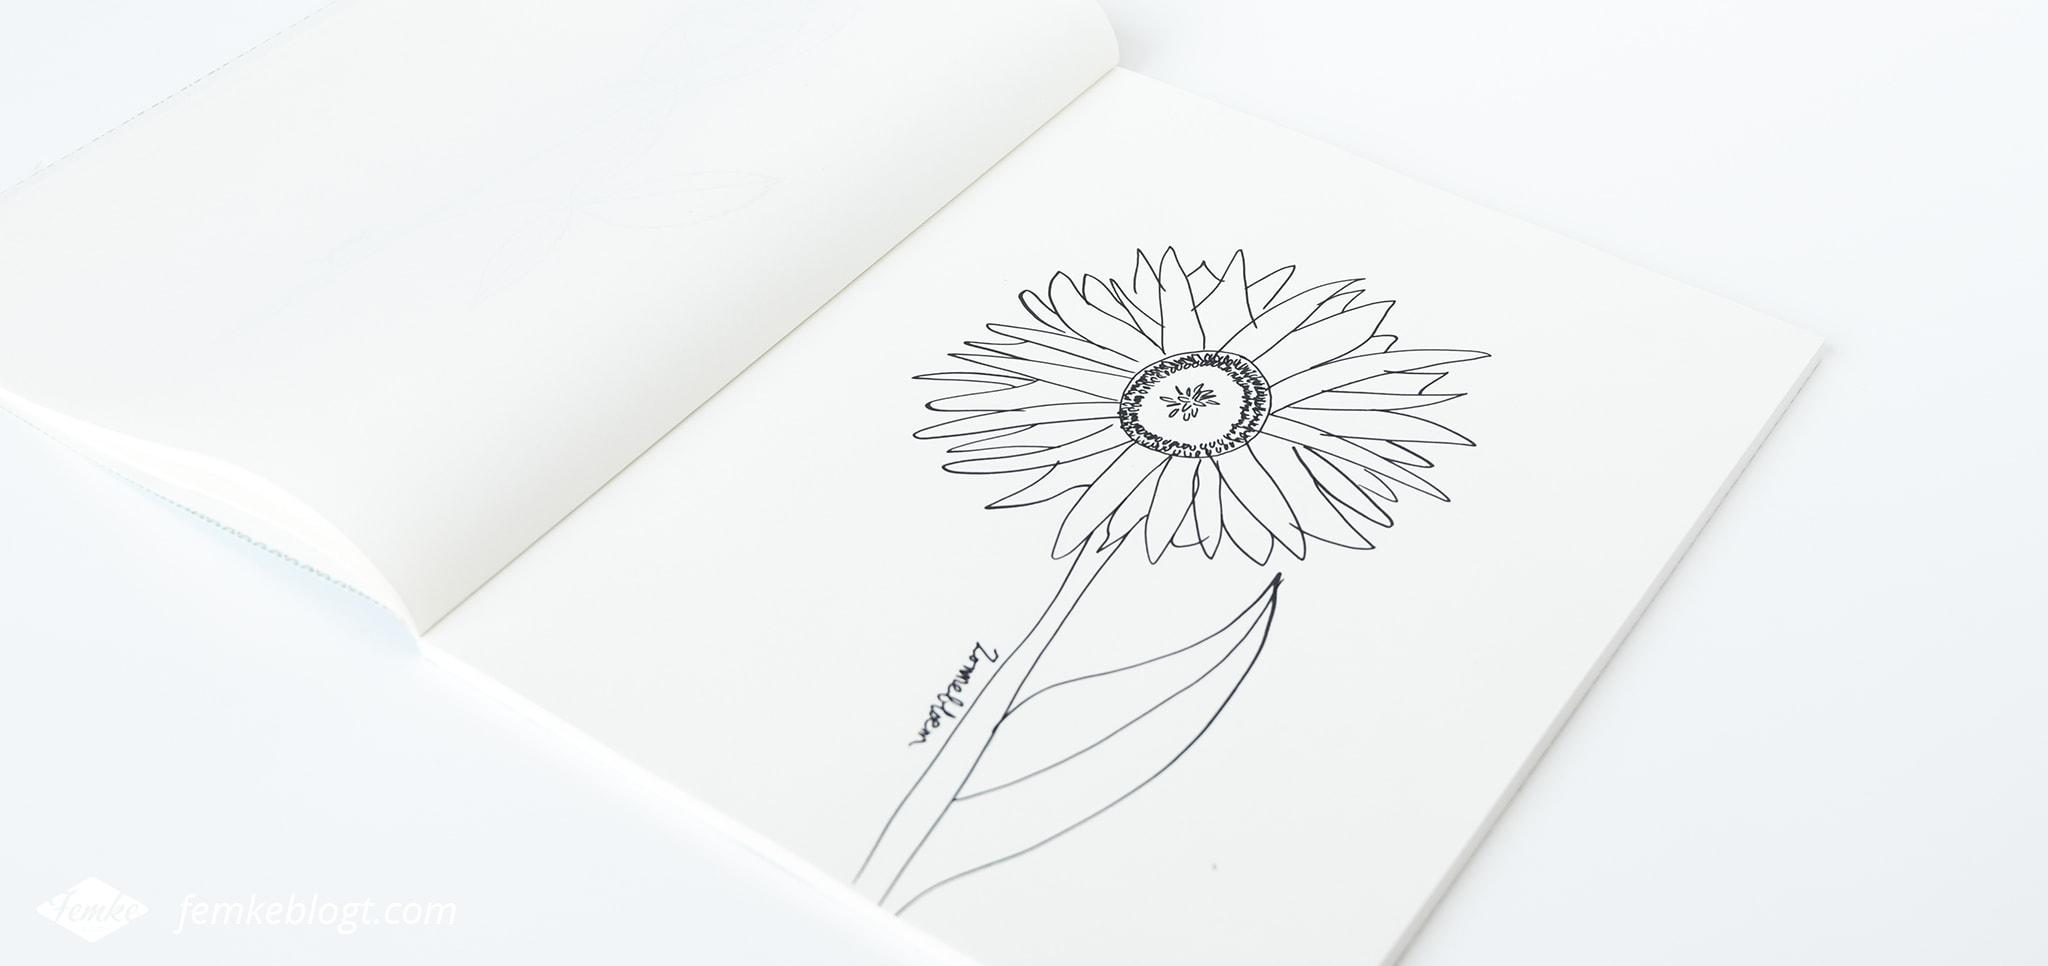 31 Dagen bloemen #10 – Zonnebloem